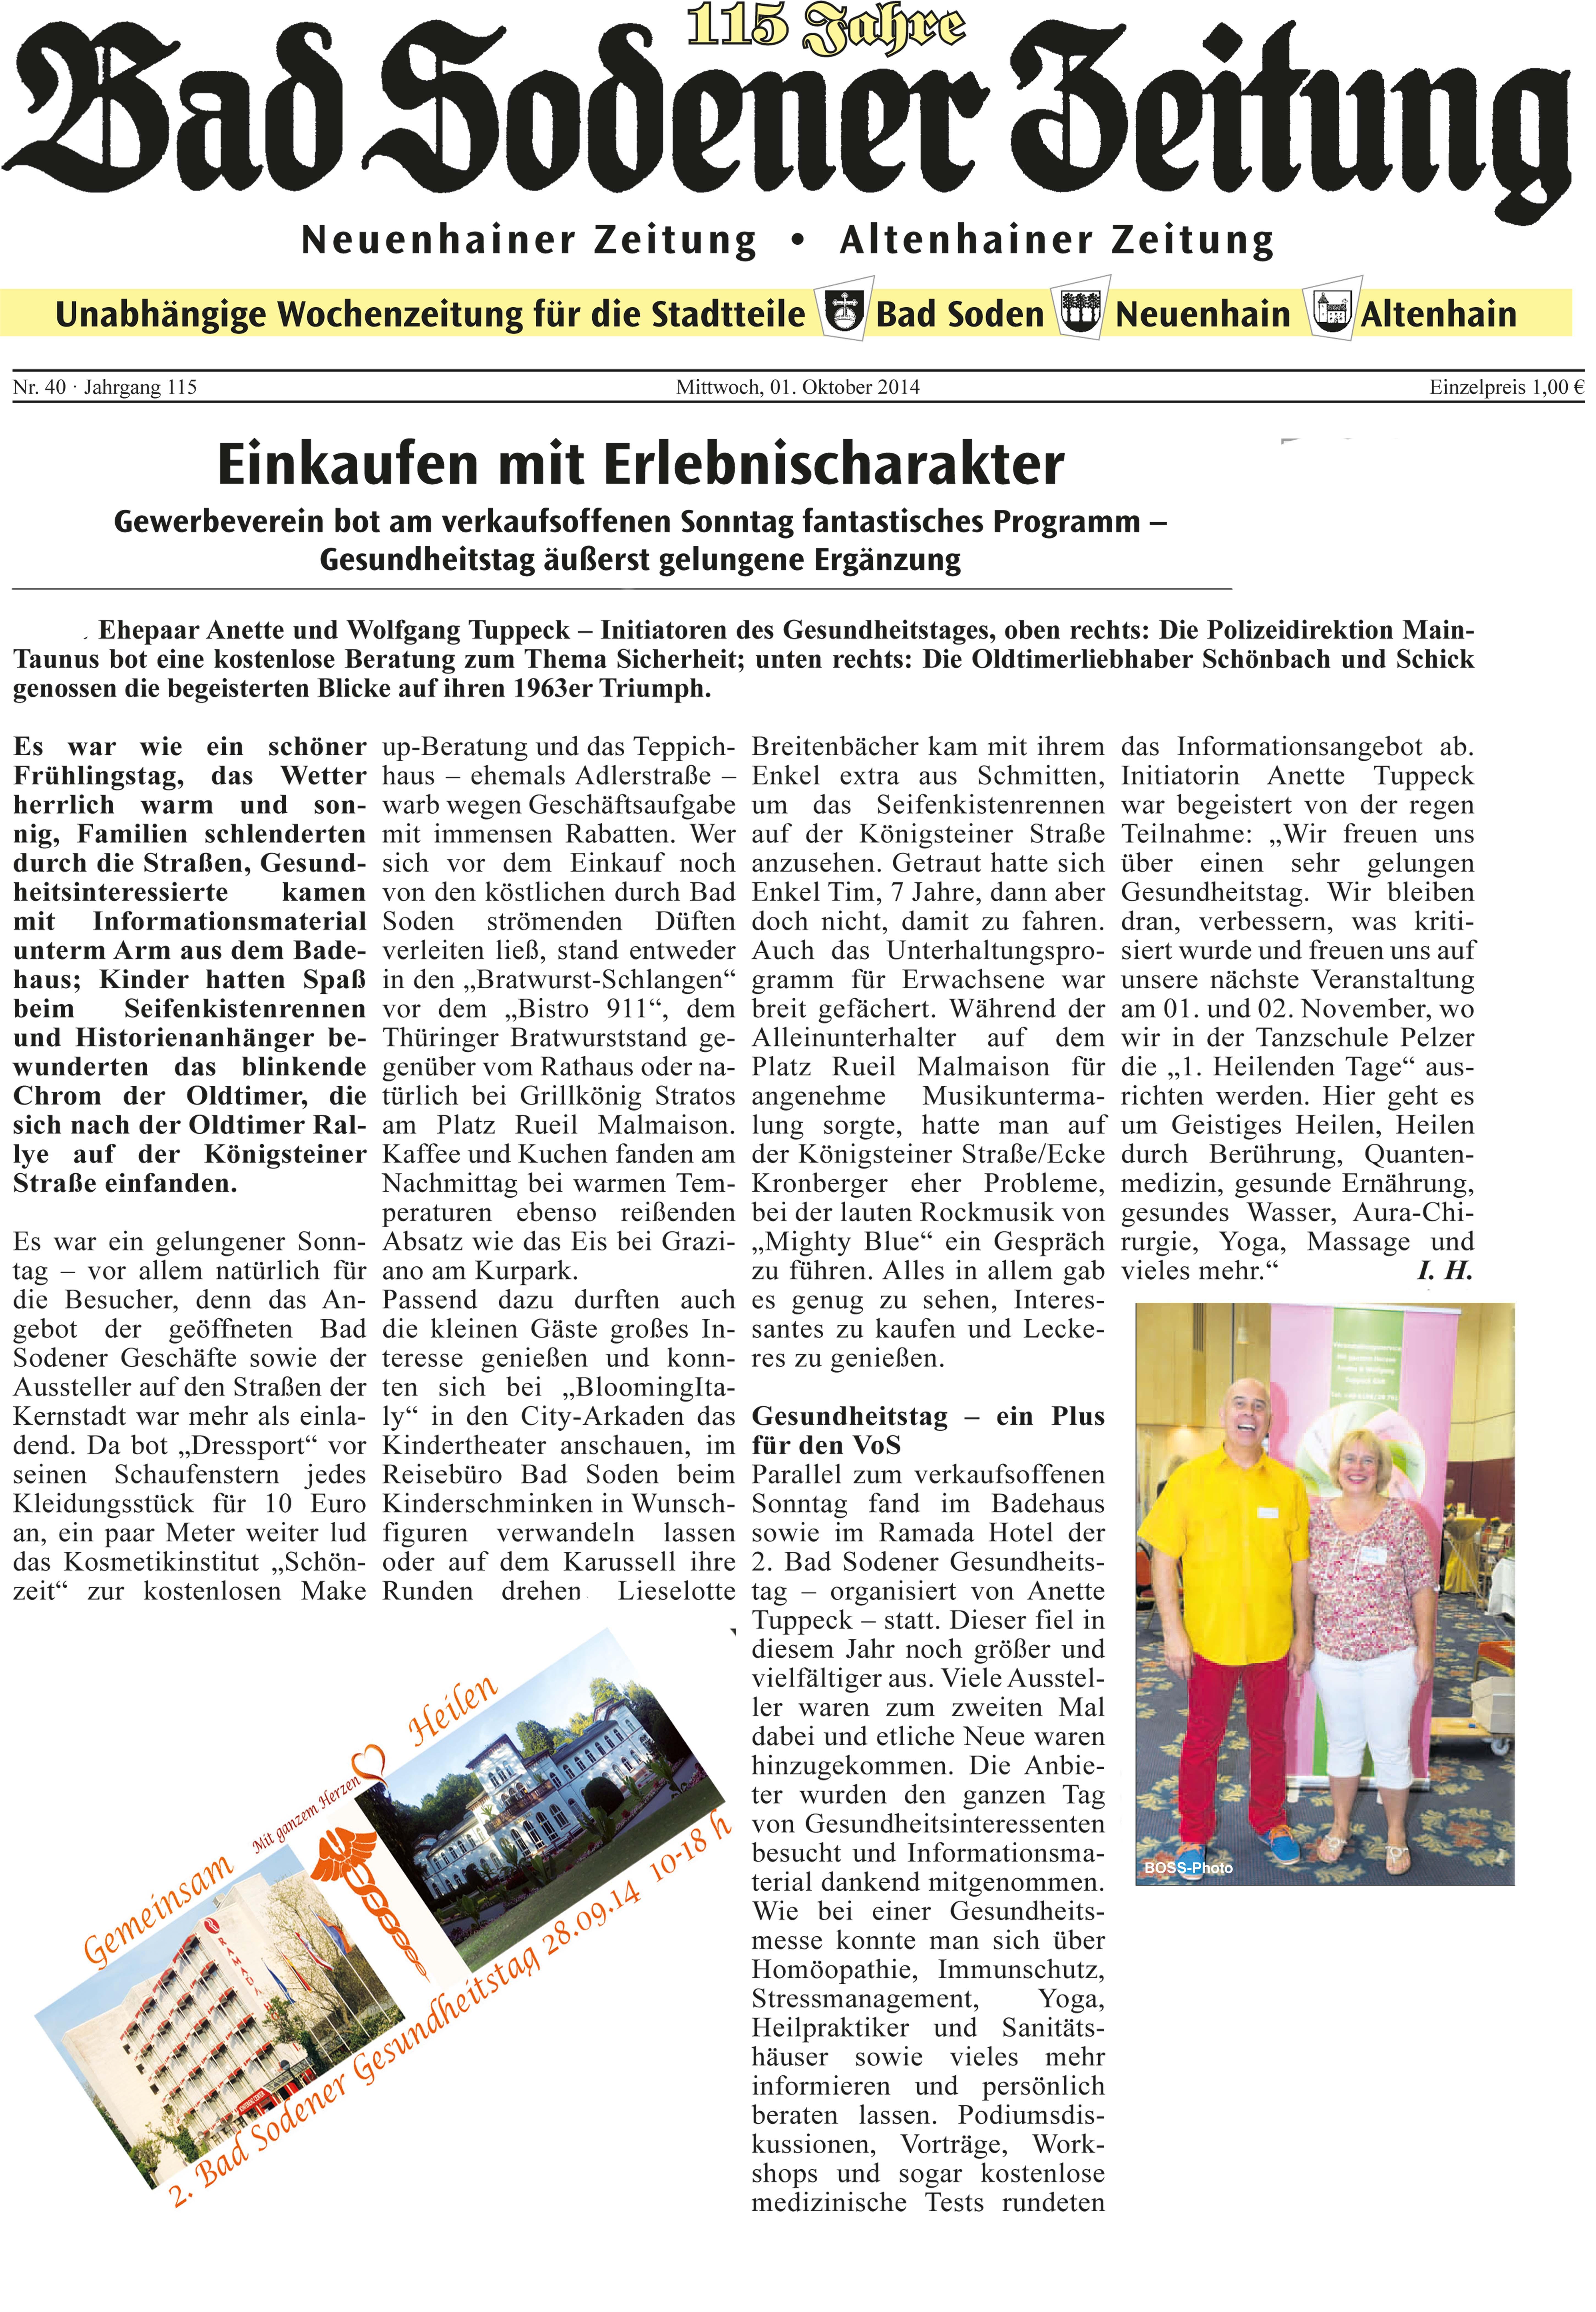 Bad Sodener Zeitung-Nachruf